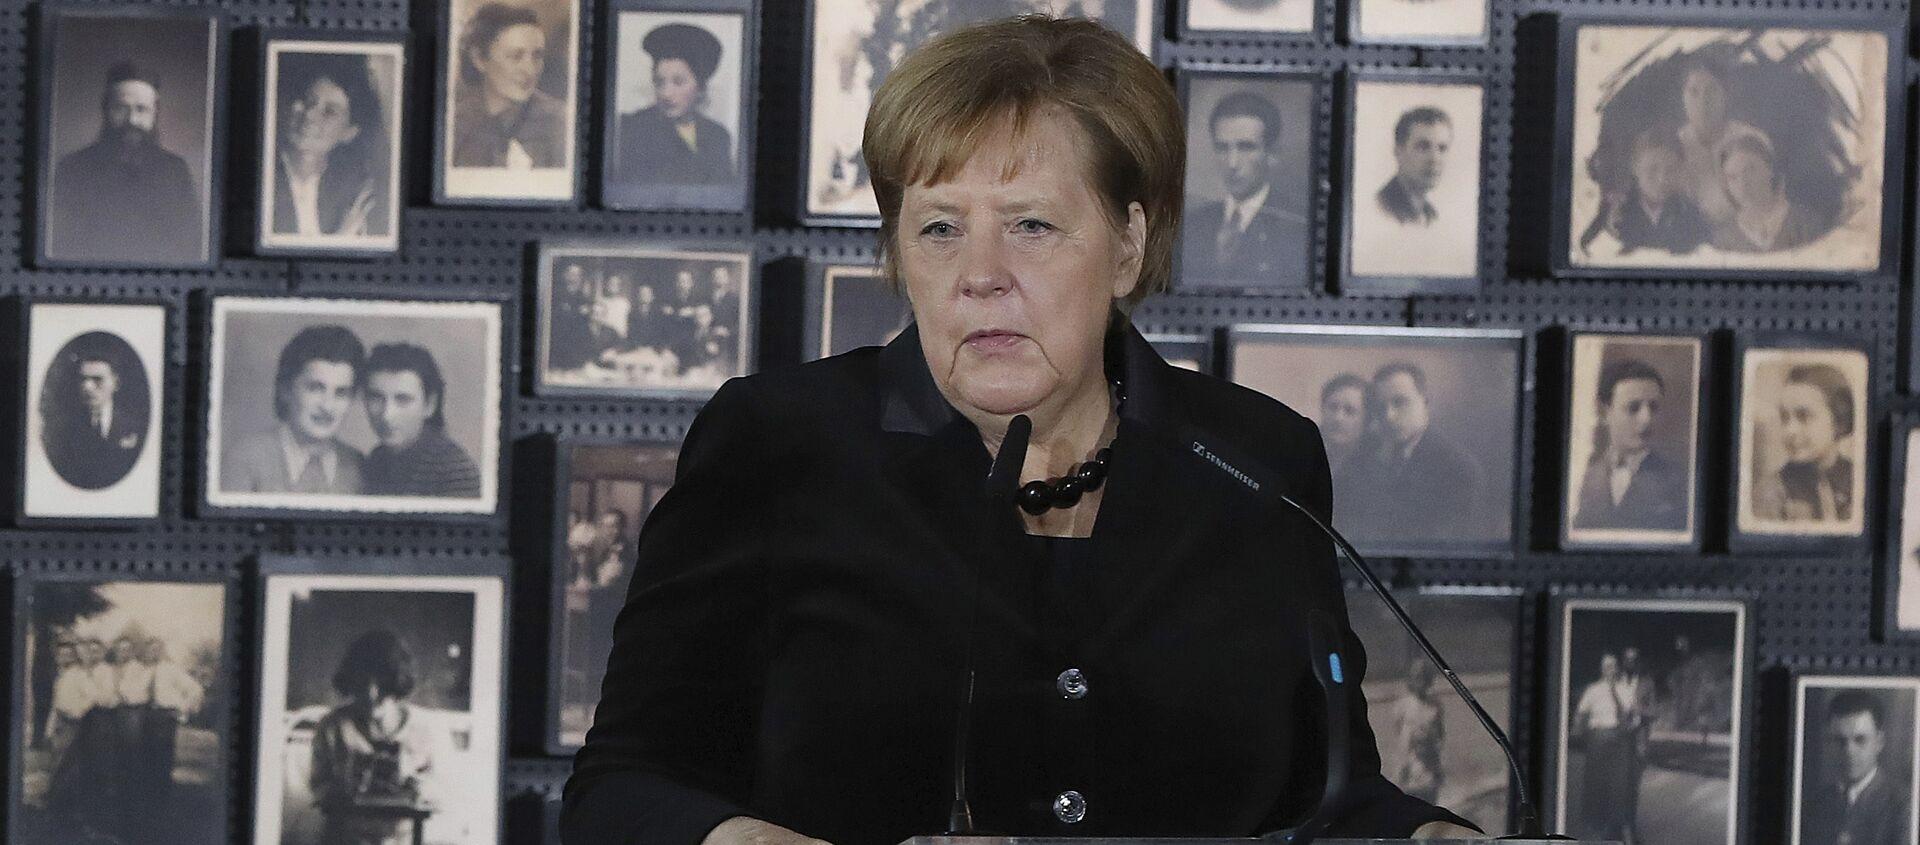 Angela Merkel po raz pierwszy odwiedziła obóz zagłady Auschwitz-Birkenau - Sputnik Polska, 1920, 22.01.2020